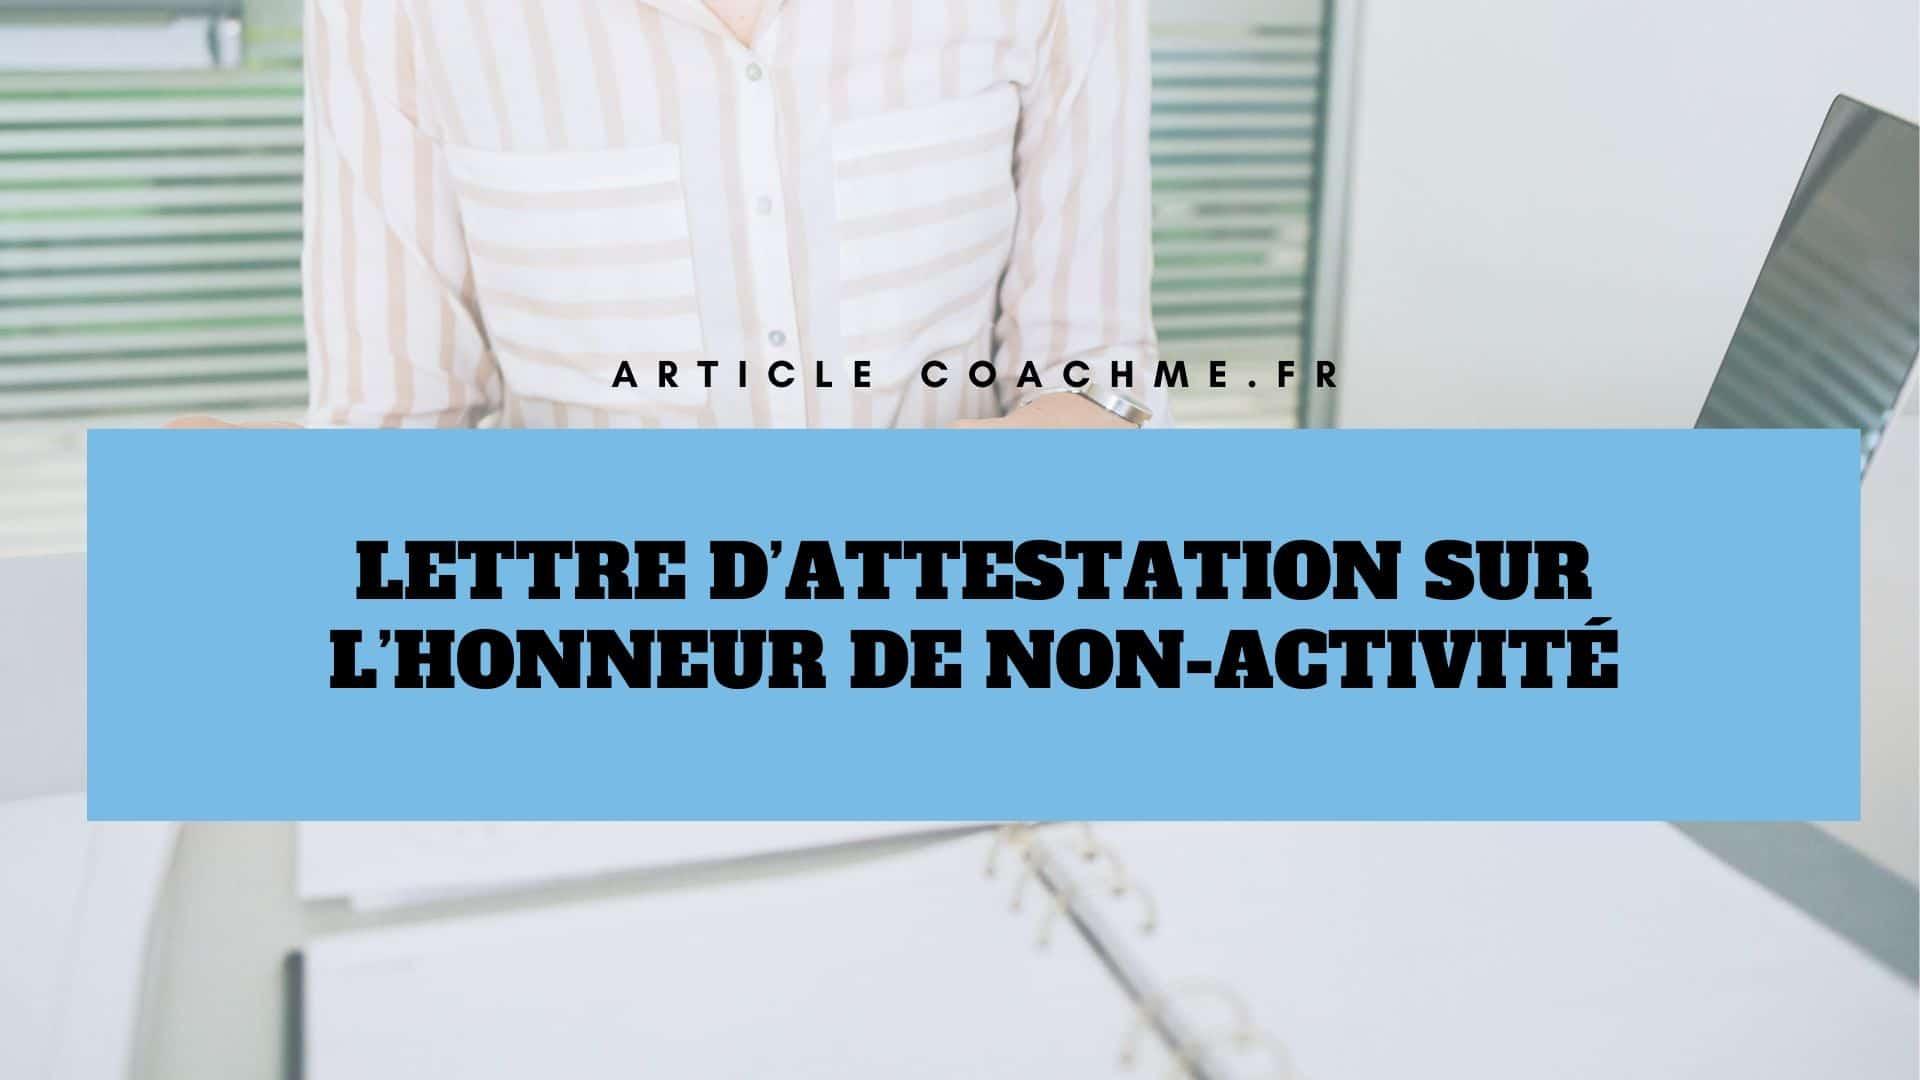 Modele De Lettre D Attestation Sur L Honneur De Non Activite